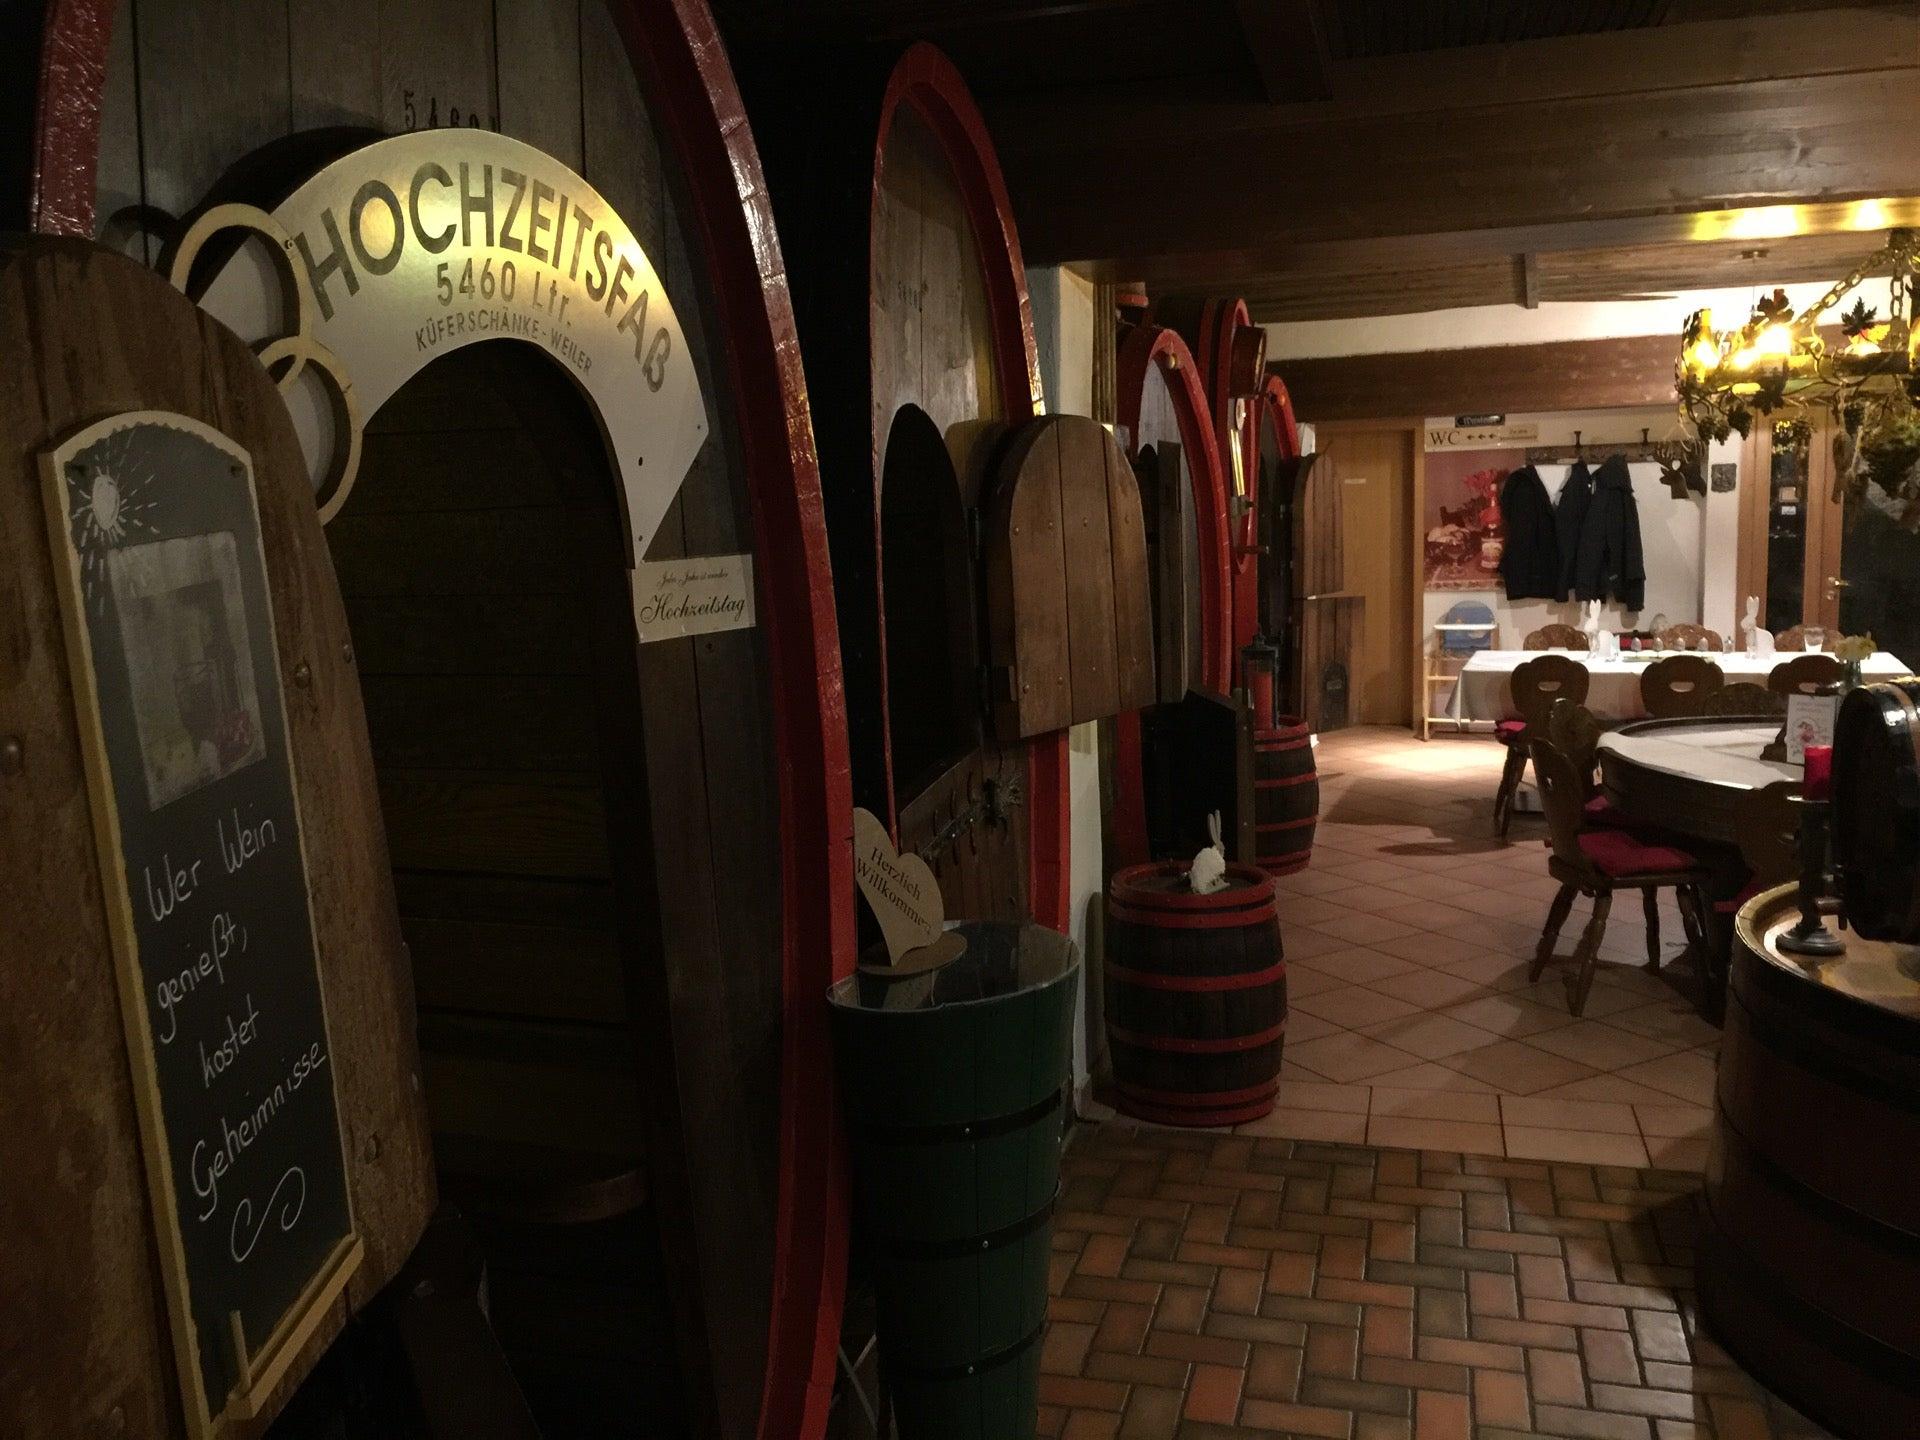 Küferschänke in Sinsheim – speisekarte.de